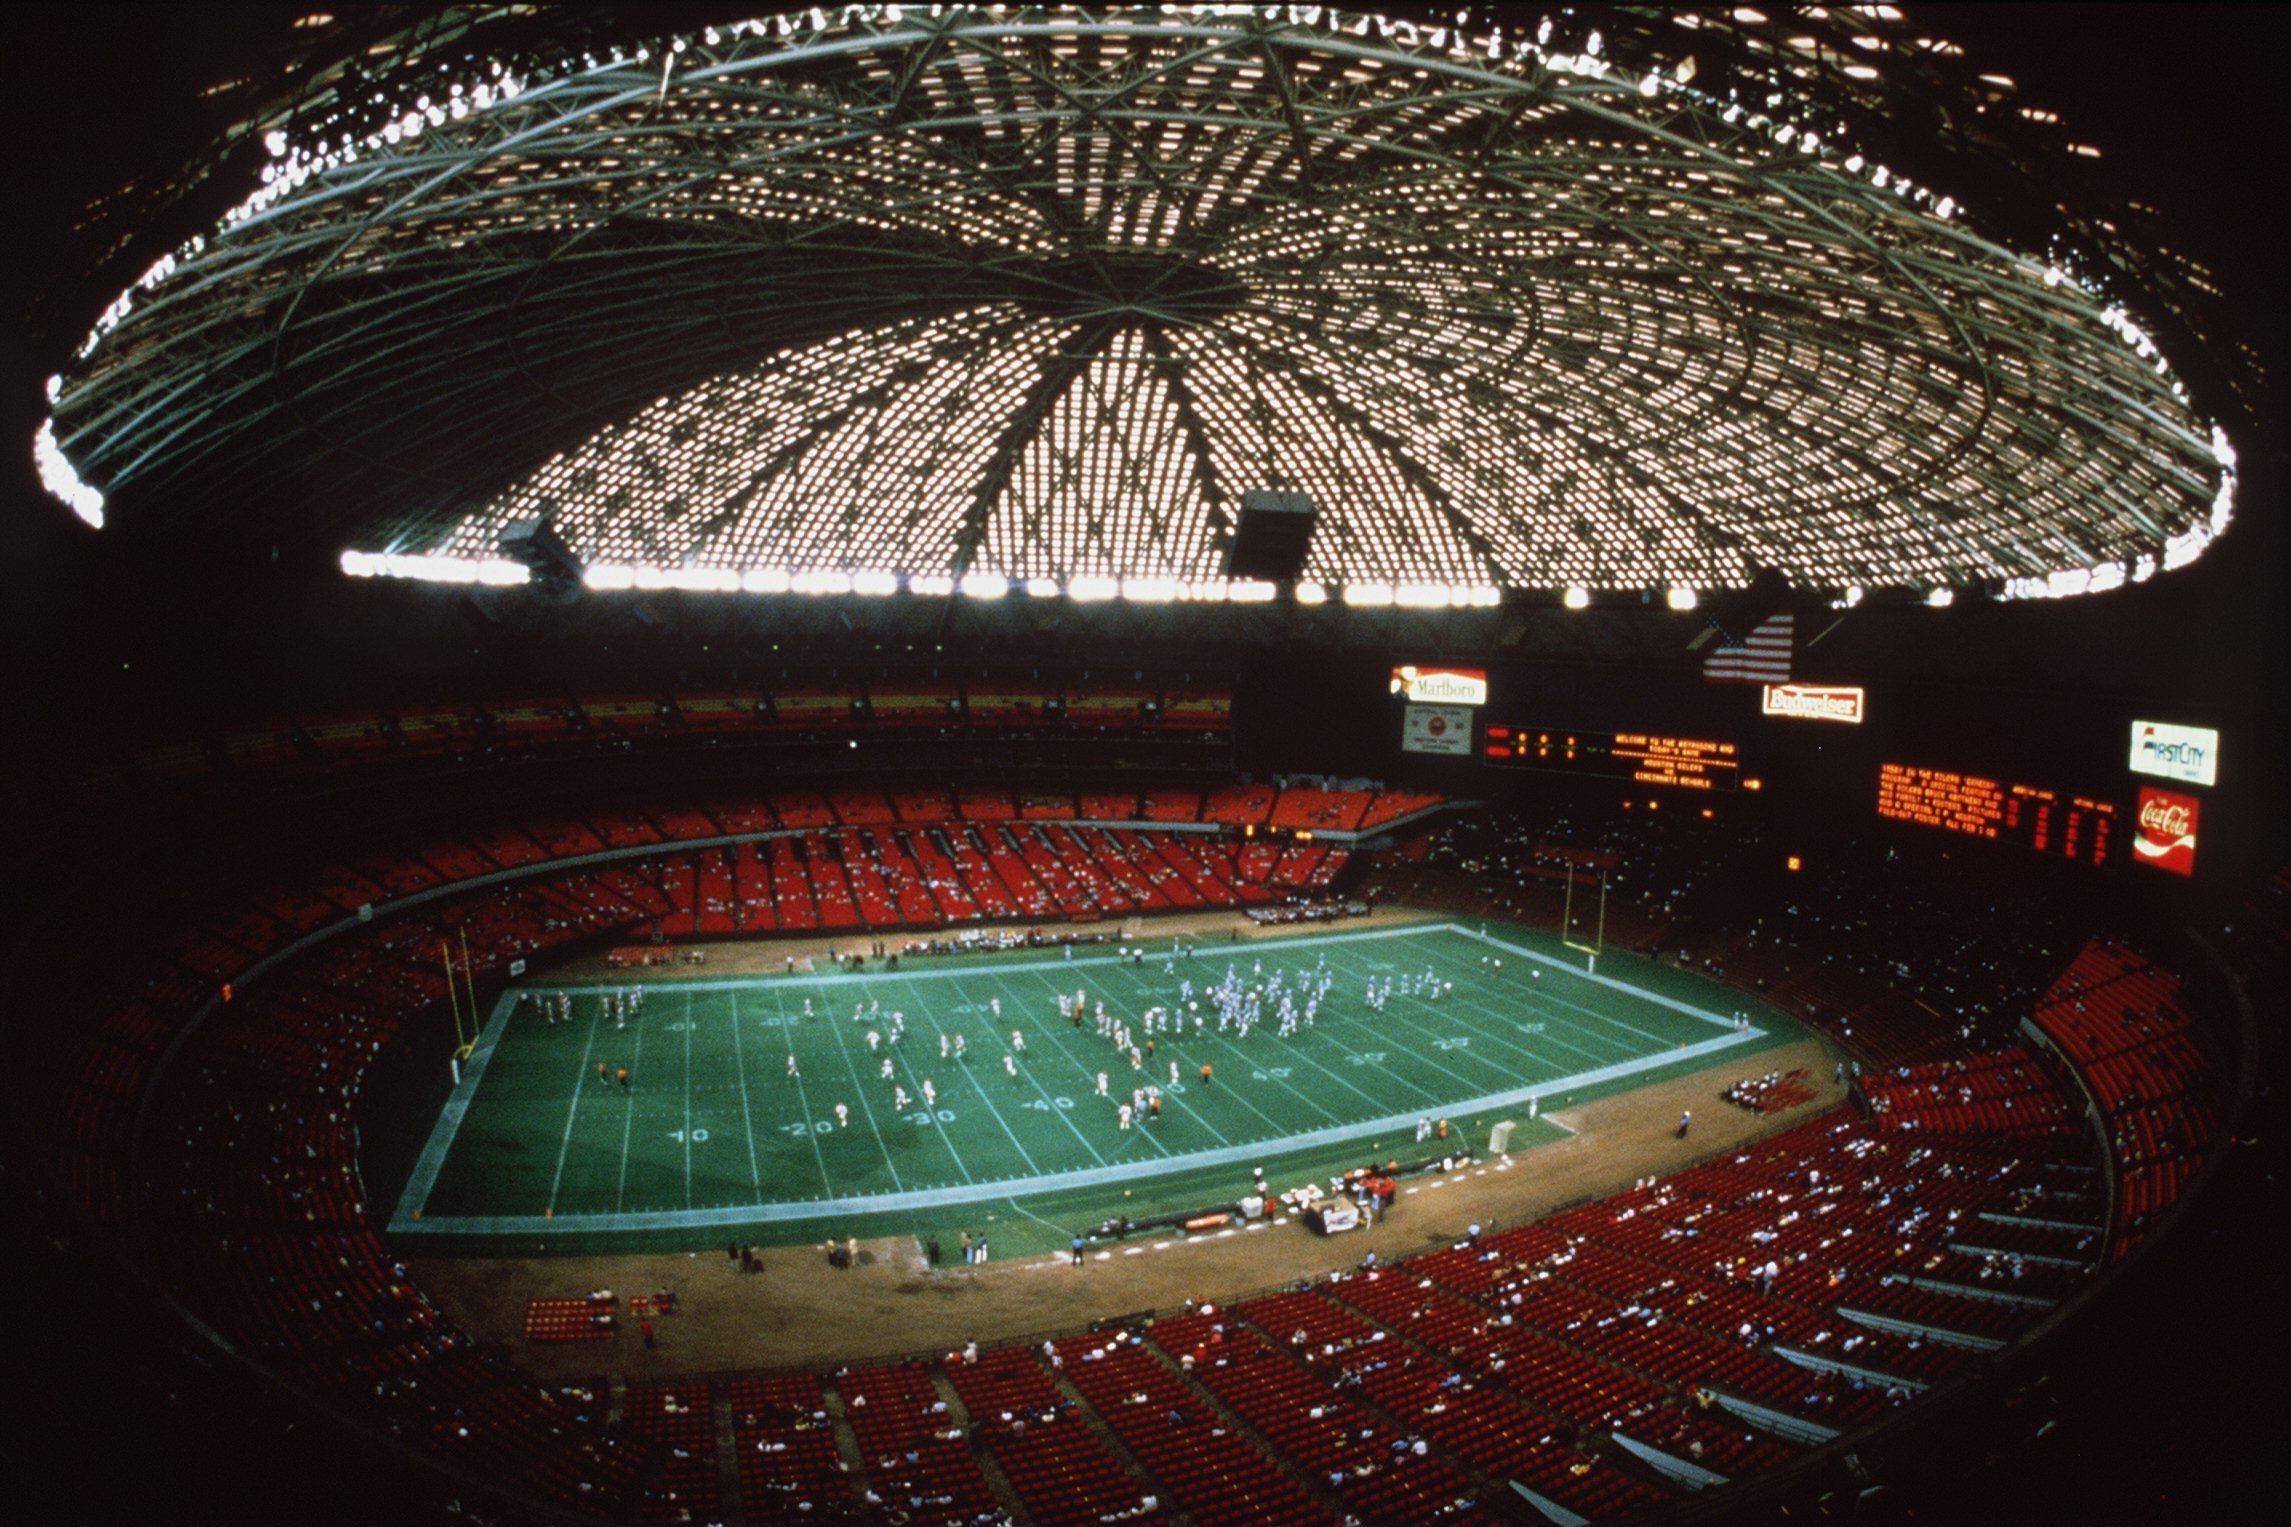 существует как построить стадион с куполом вам холодно, термобелье